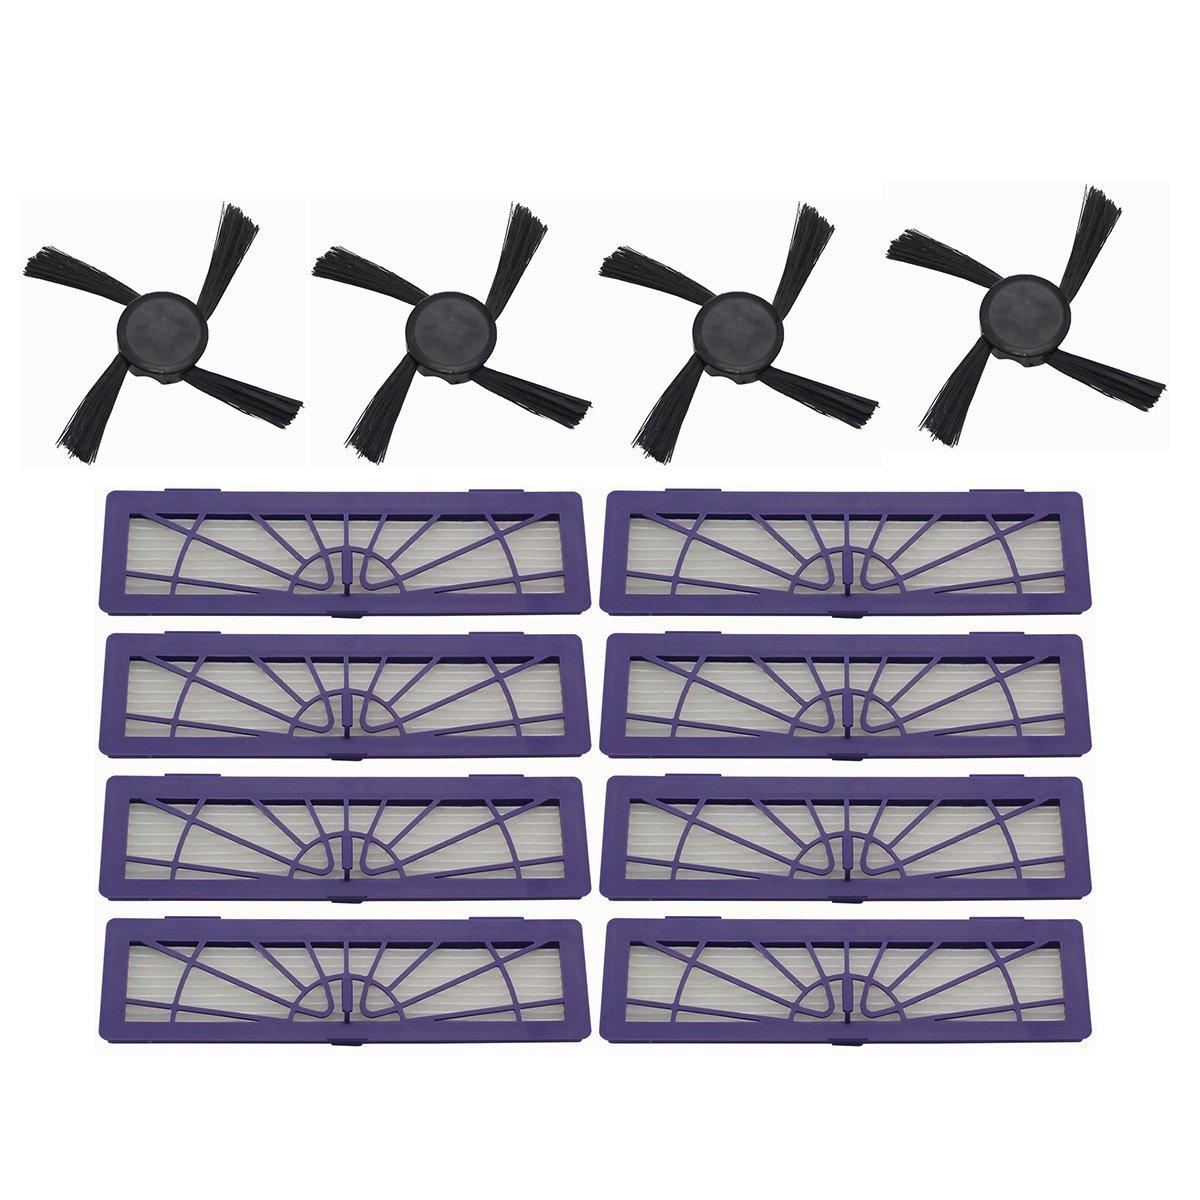 raogoodcx 8 Filtro HEPA, 4 cepillos laterales accesorios kits para Neato Botvac 70e 75 80 85 D75, D80 D85 Series Robotic aspiradoras robot: Amazon.es: Hogar